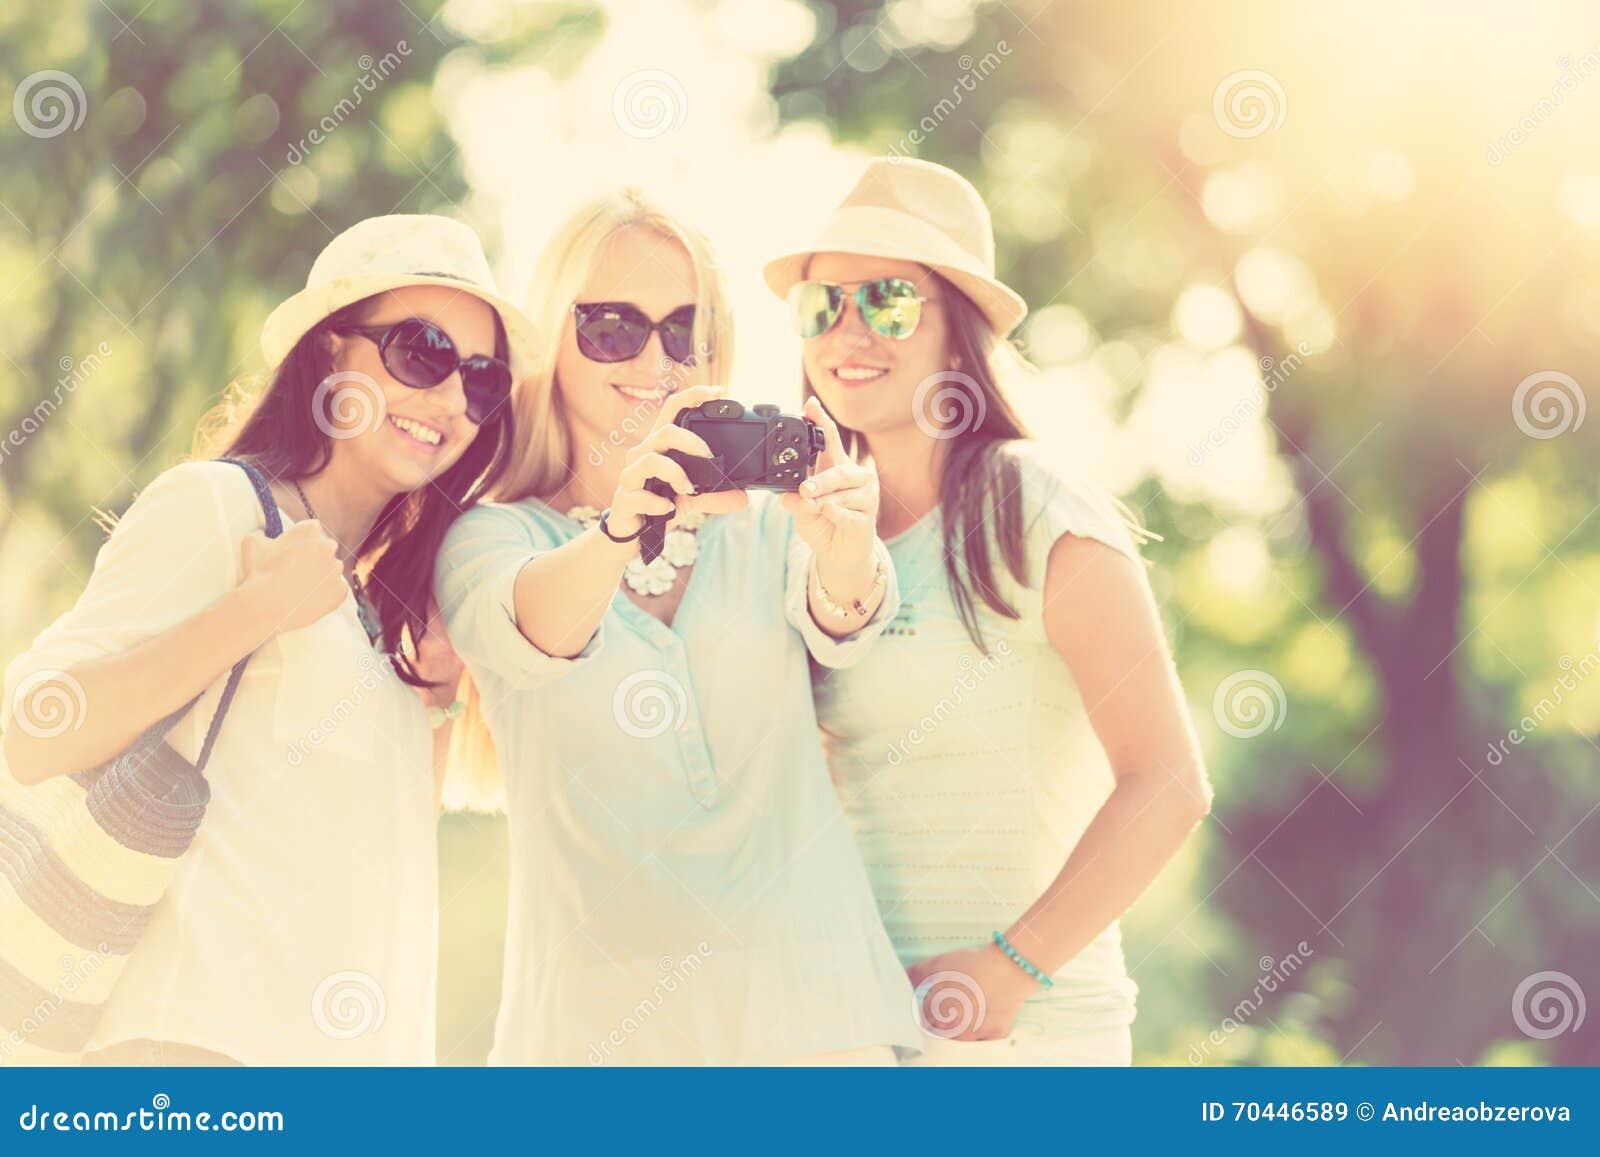 3 привлекательных девушки фотографируя на летних отпусках